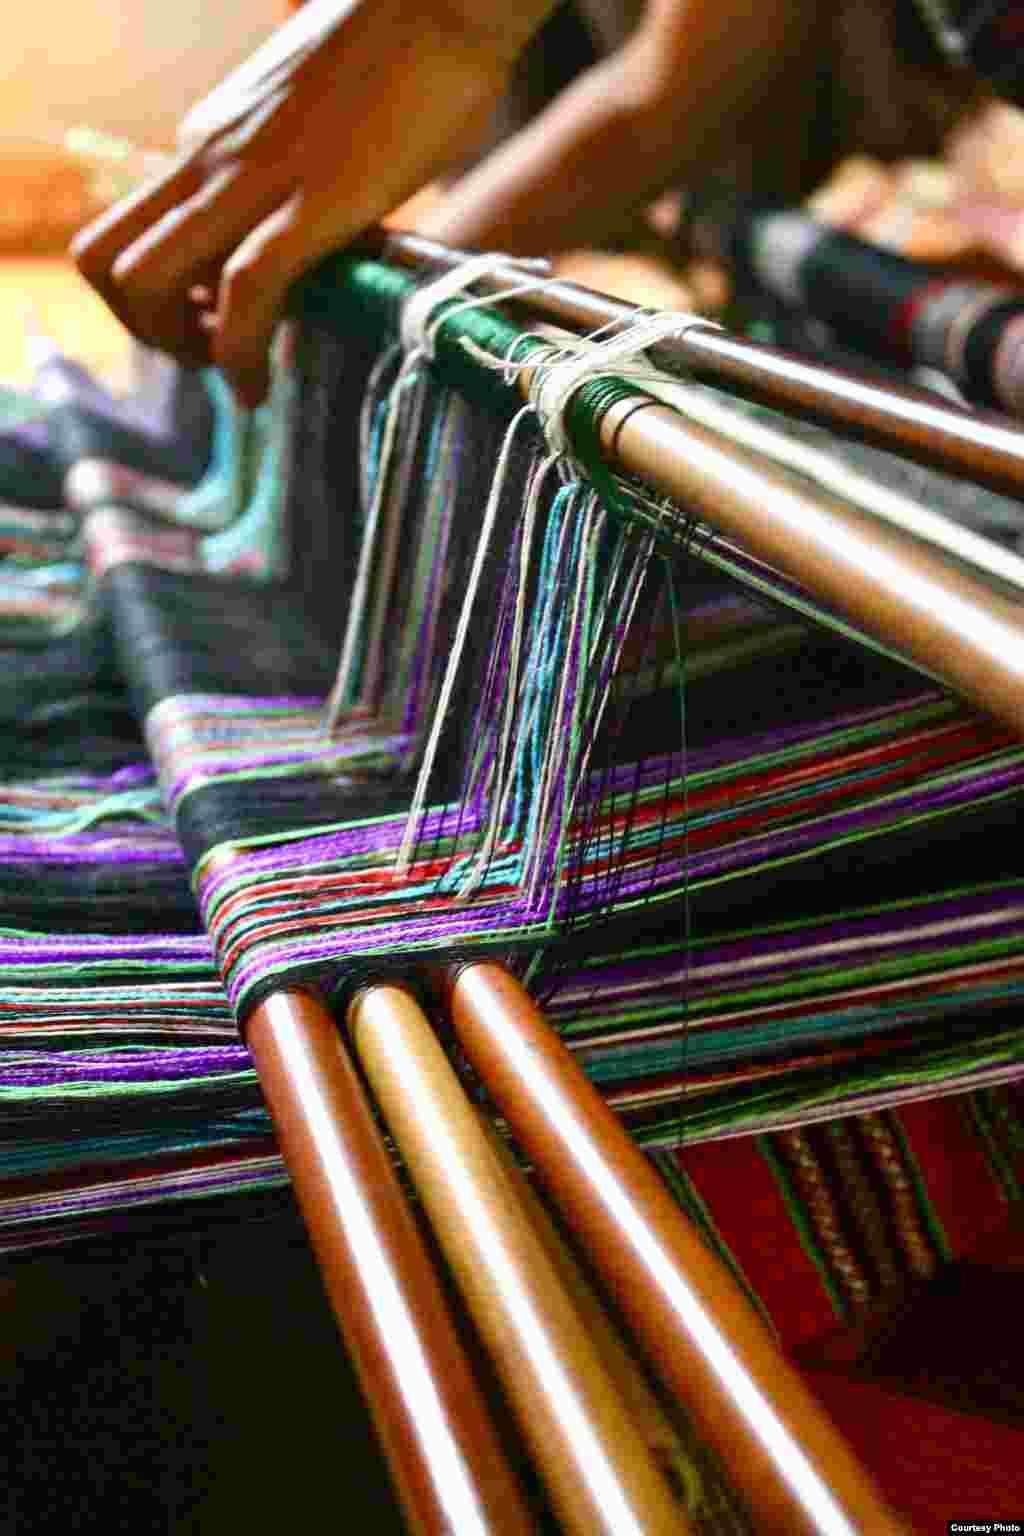 Hình ảnh cận cảnh của từng sợi vải mà những người phụ nữ A Lưới dệt, tạo thành một tấm vải thổ cẩm